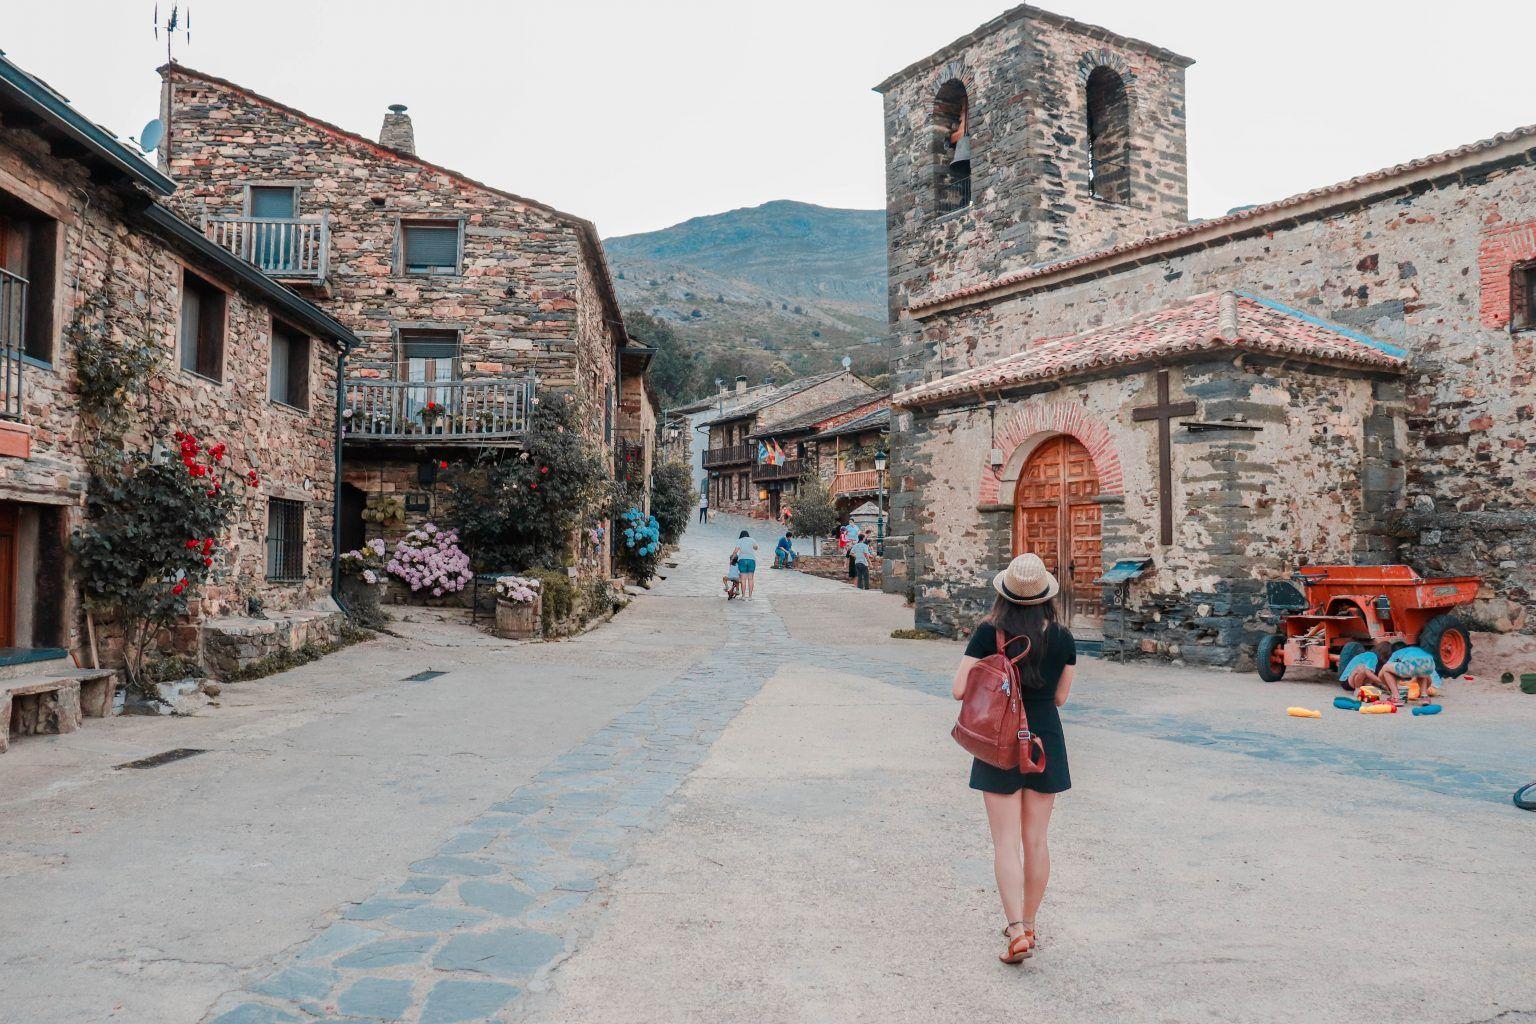 10 Pueblos Con Encanto Cerca De Madrid Mafe Around The World En 2021 Pueblos Con Encanto Pueblo Viajes